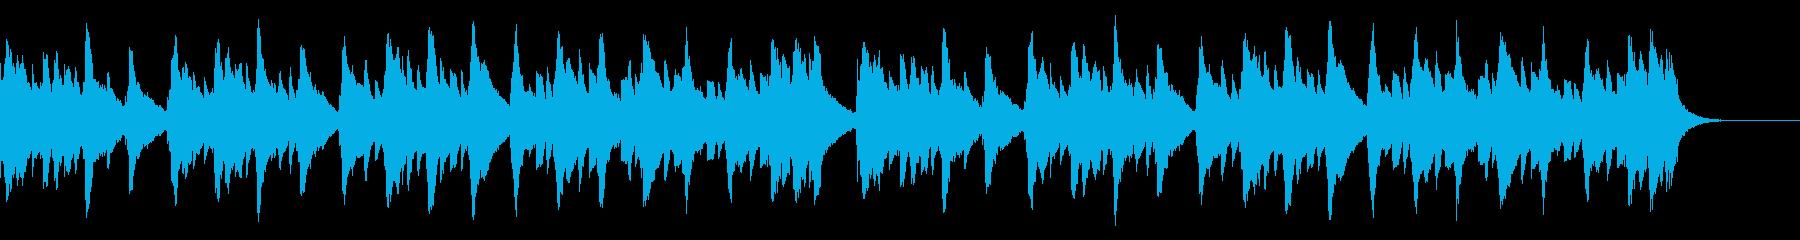 懐かしい夏の曲/オルゴール/和風の再生済みの波形